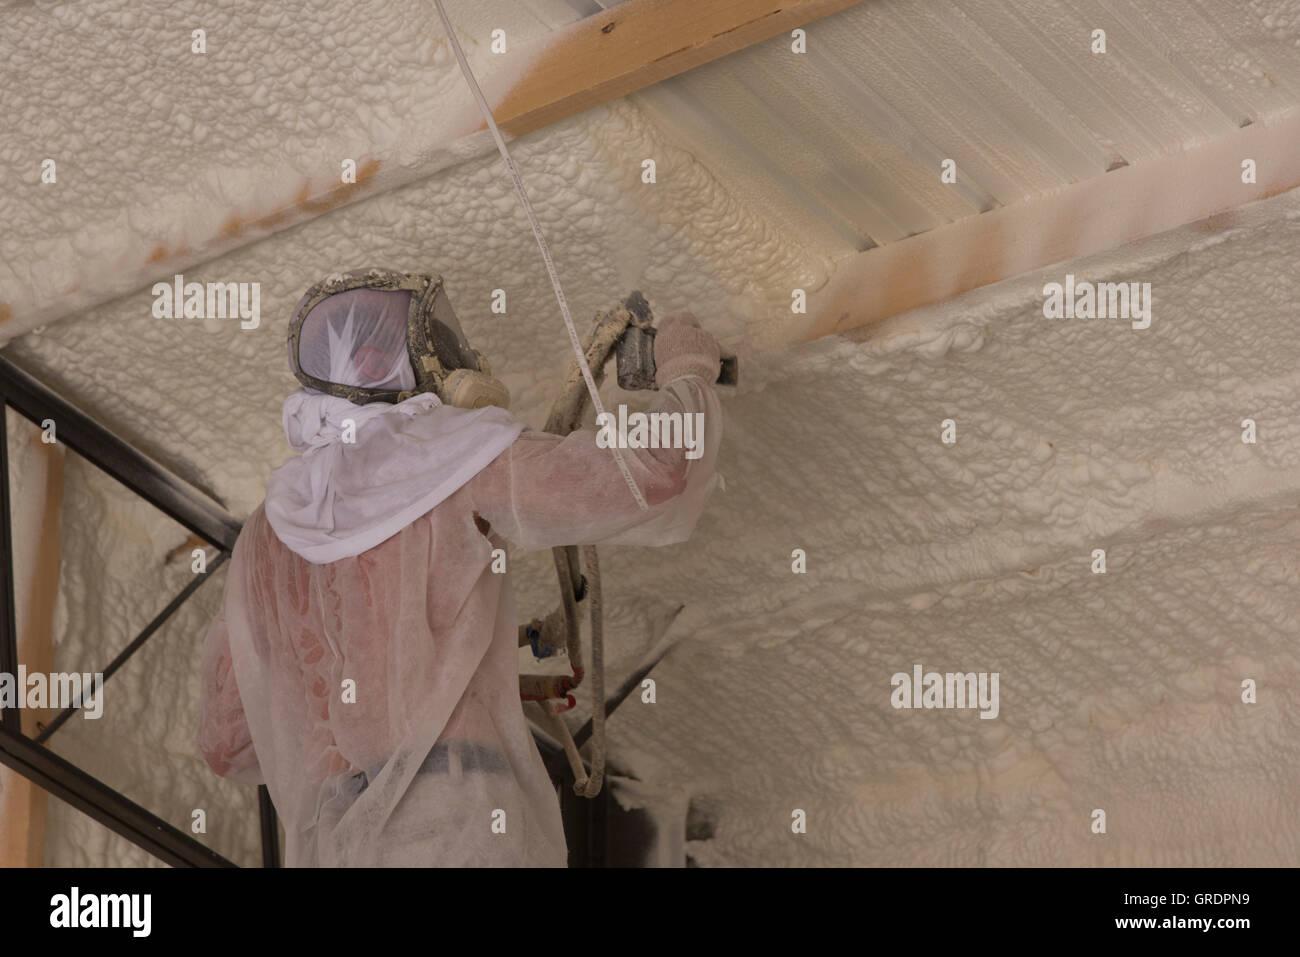 Un technicien s'applique à l'isolation de mousse à cellules ouvertes de l'intérieur d'une Photo Stock